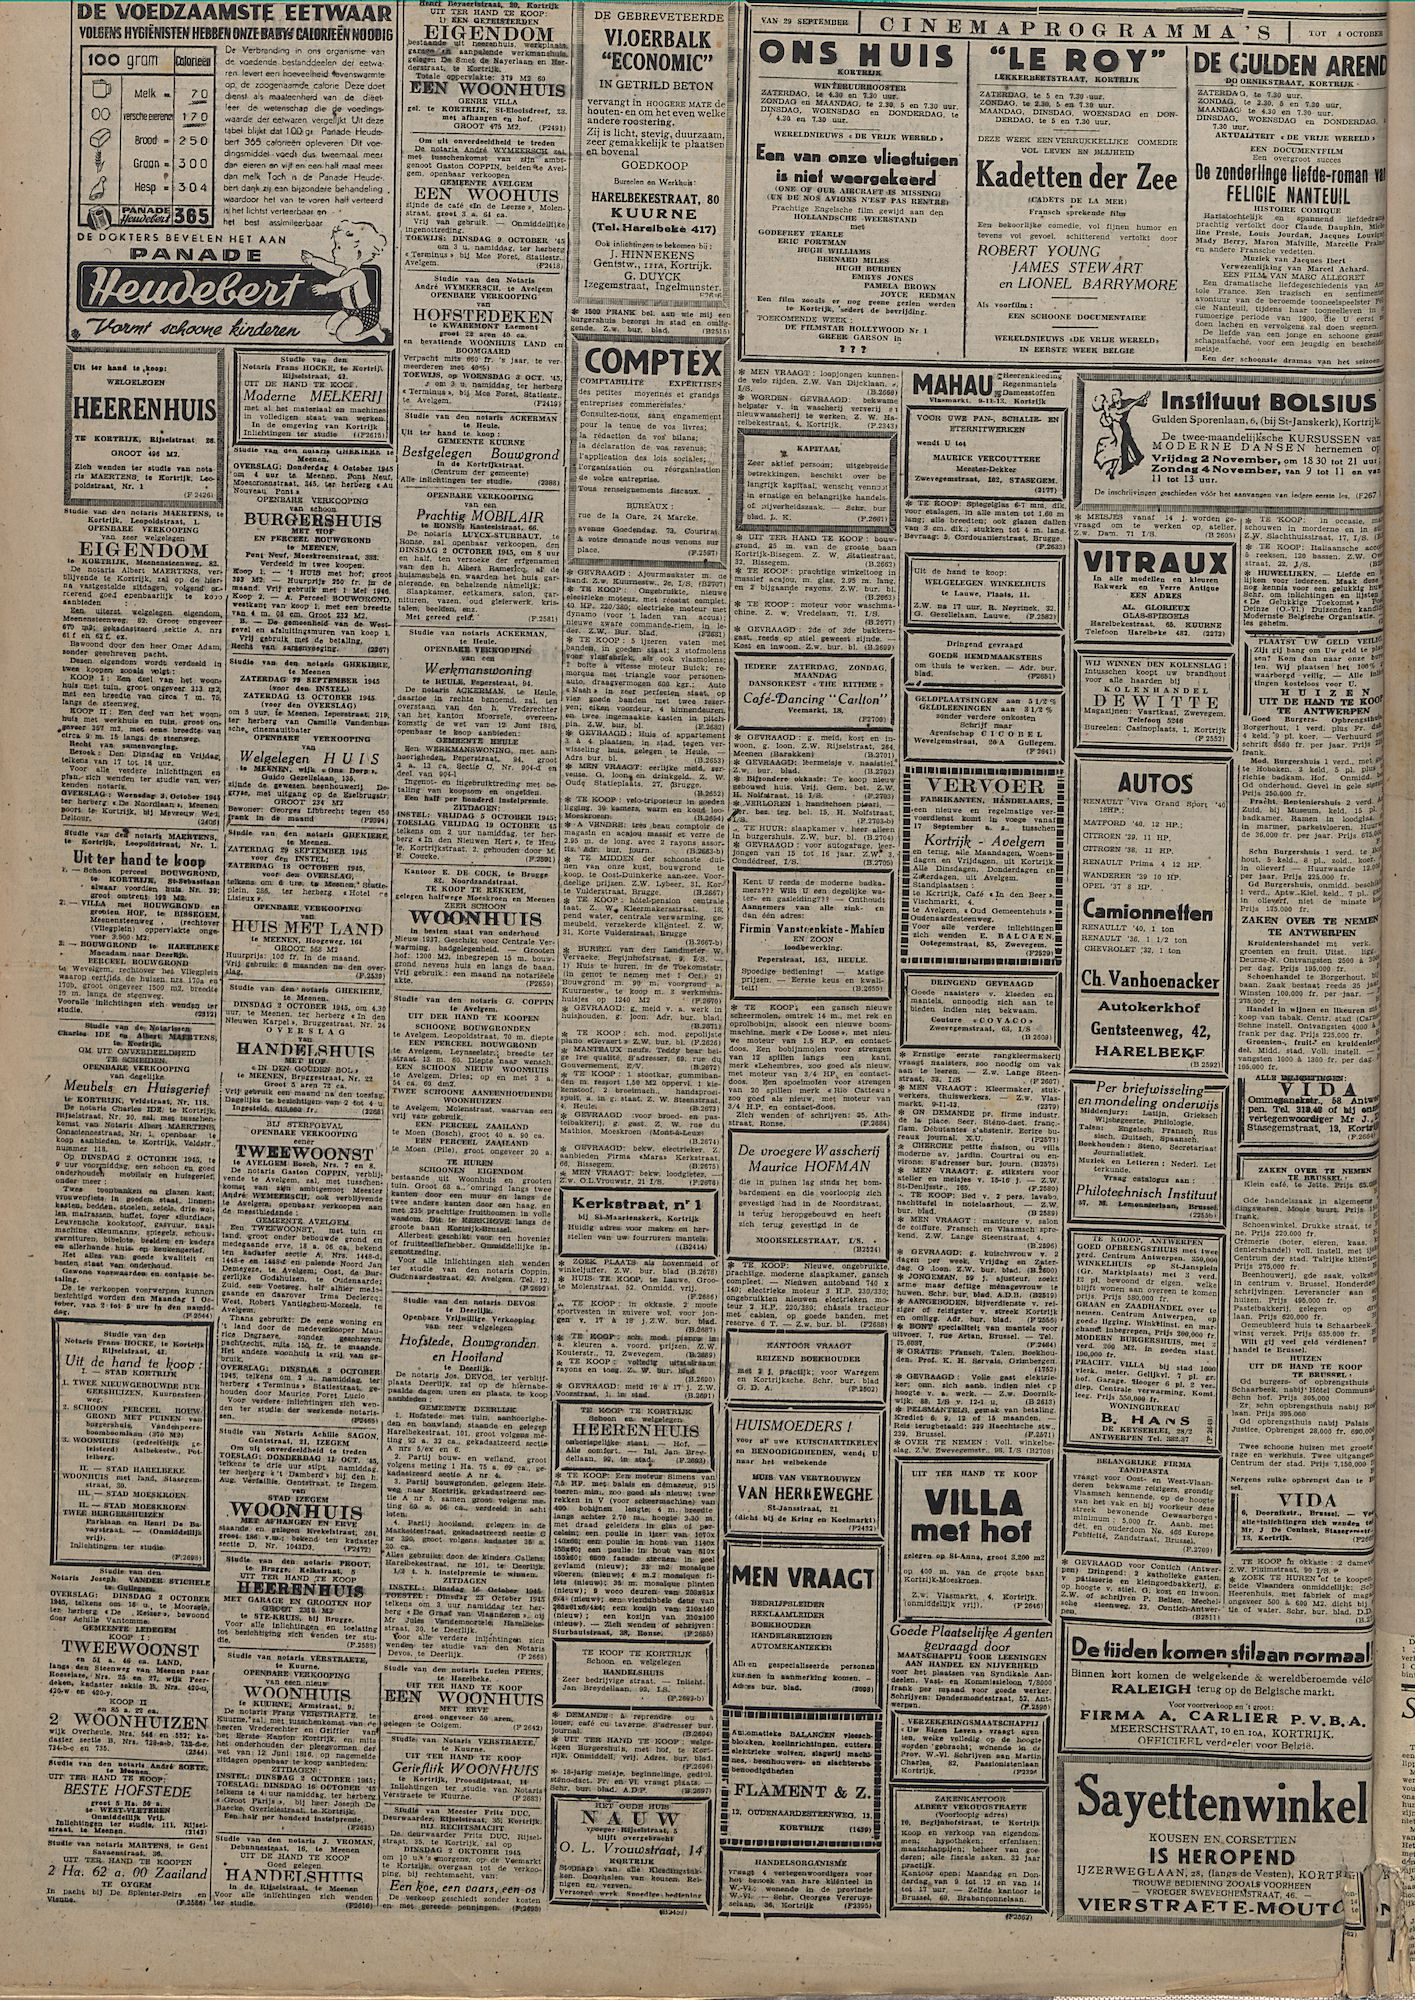 Kortrijksch Handelsblad 29 september 1945 Nr78 p2